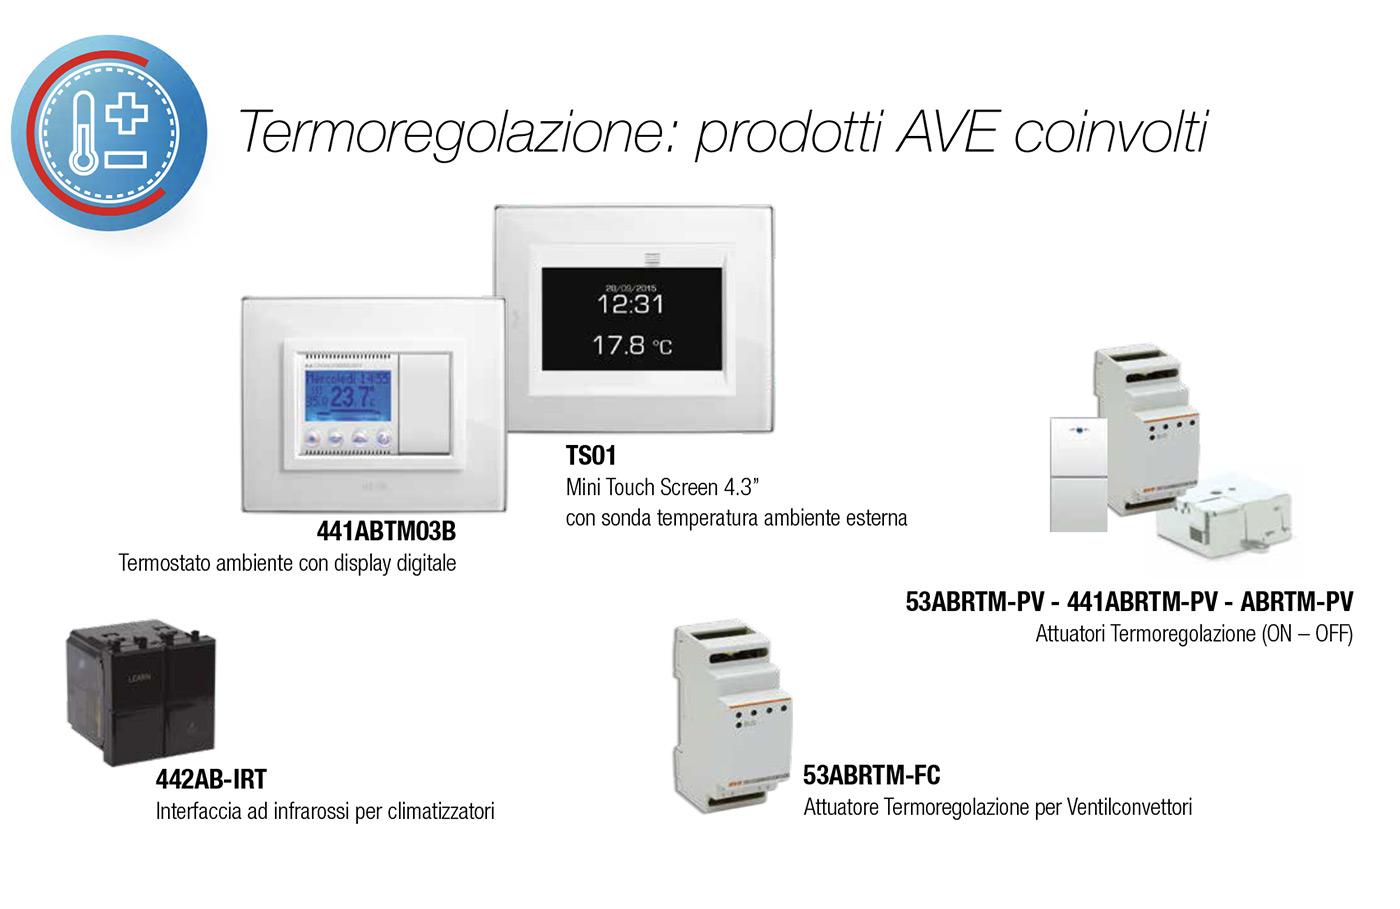 Termoregolazione prodotti AVE